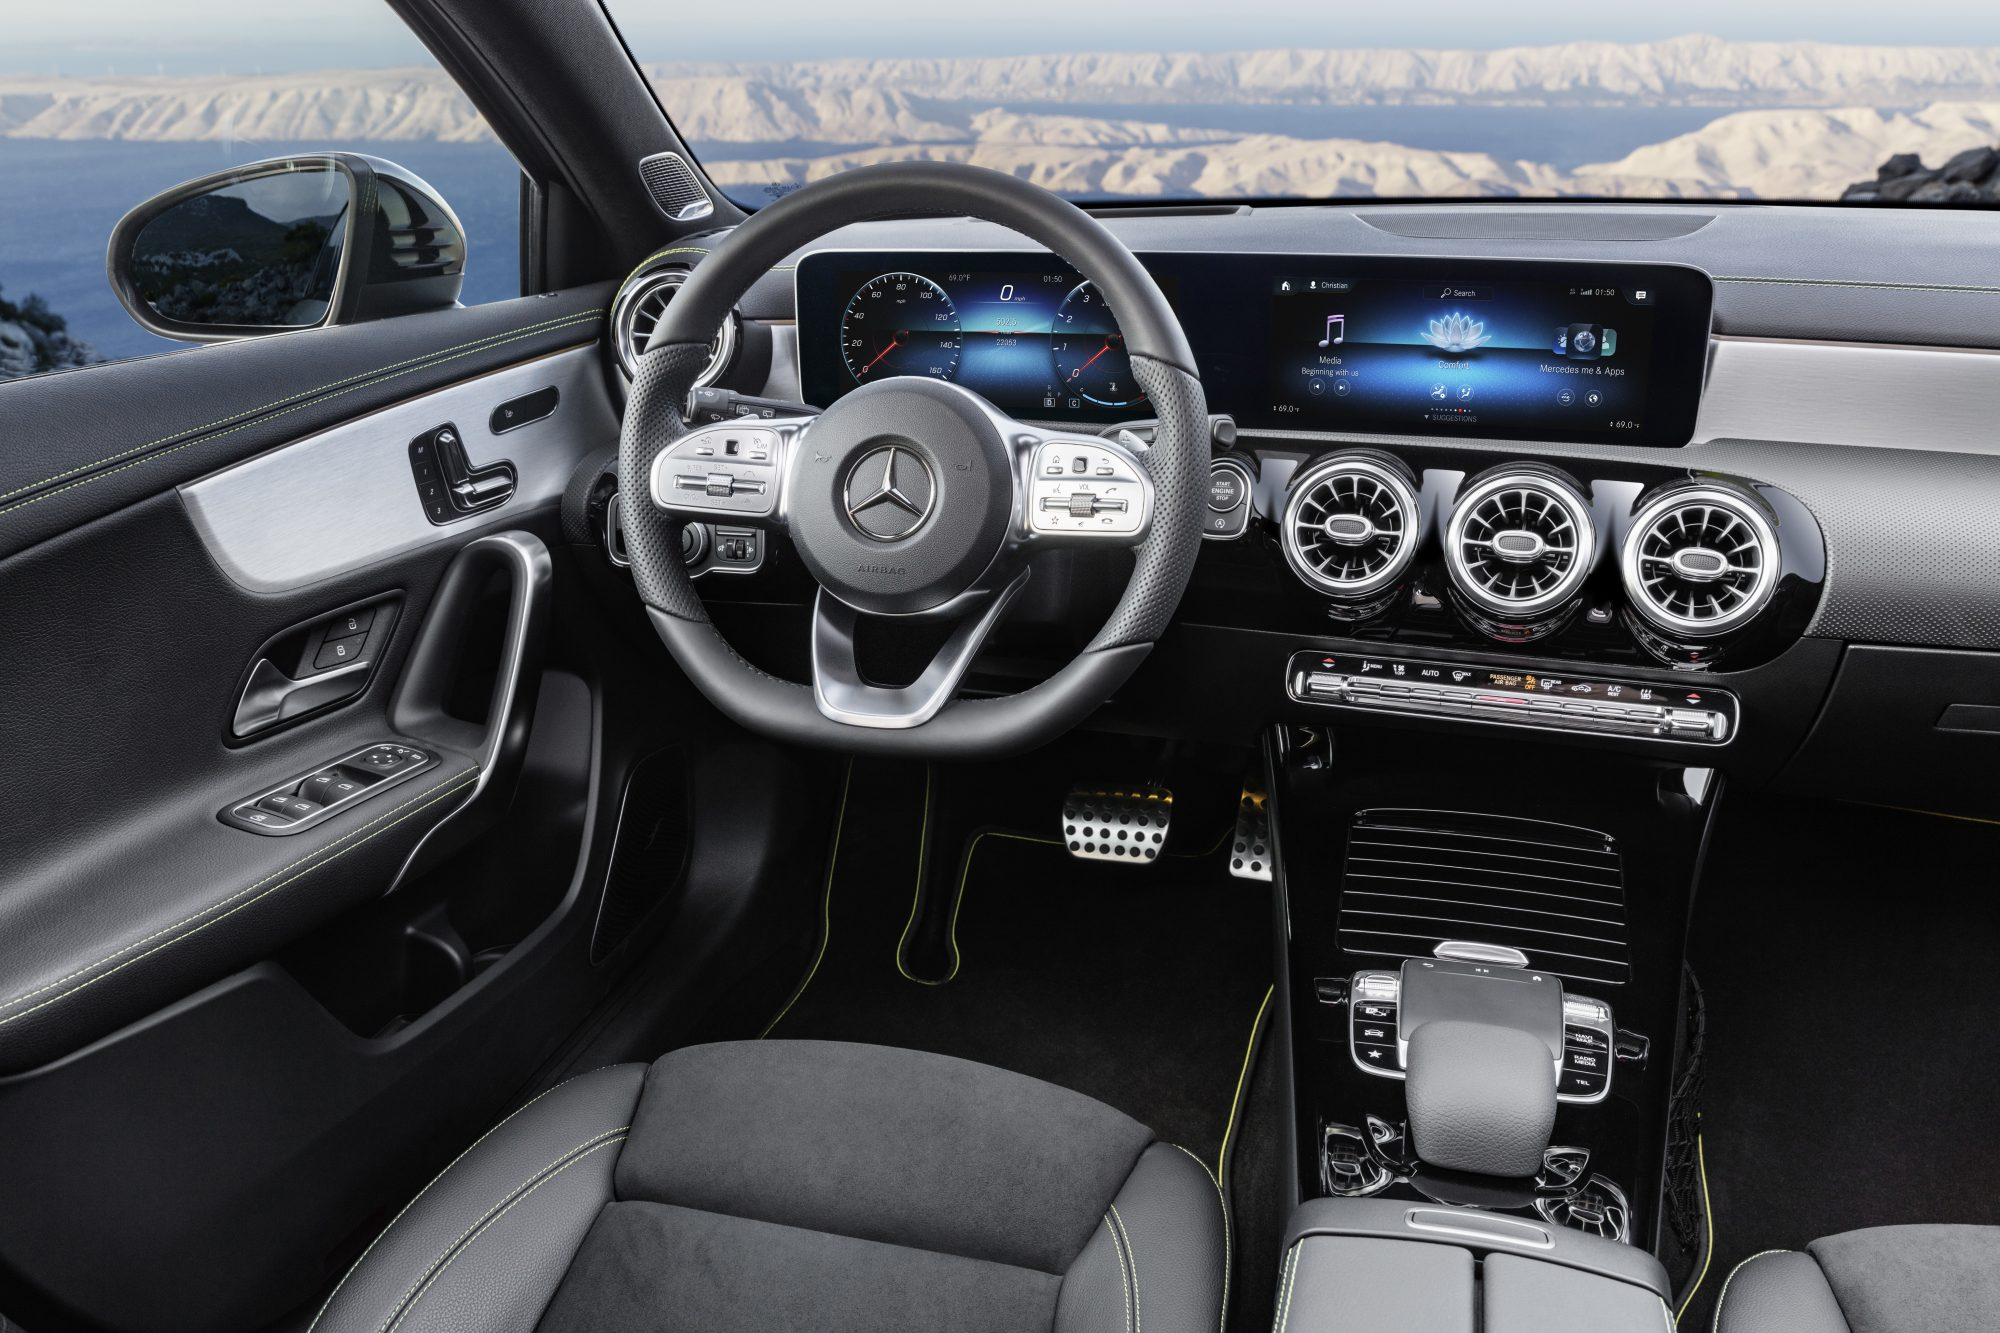 Ny bil? Hvad med en Mercedes Benz A Klasse?